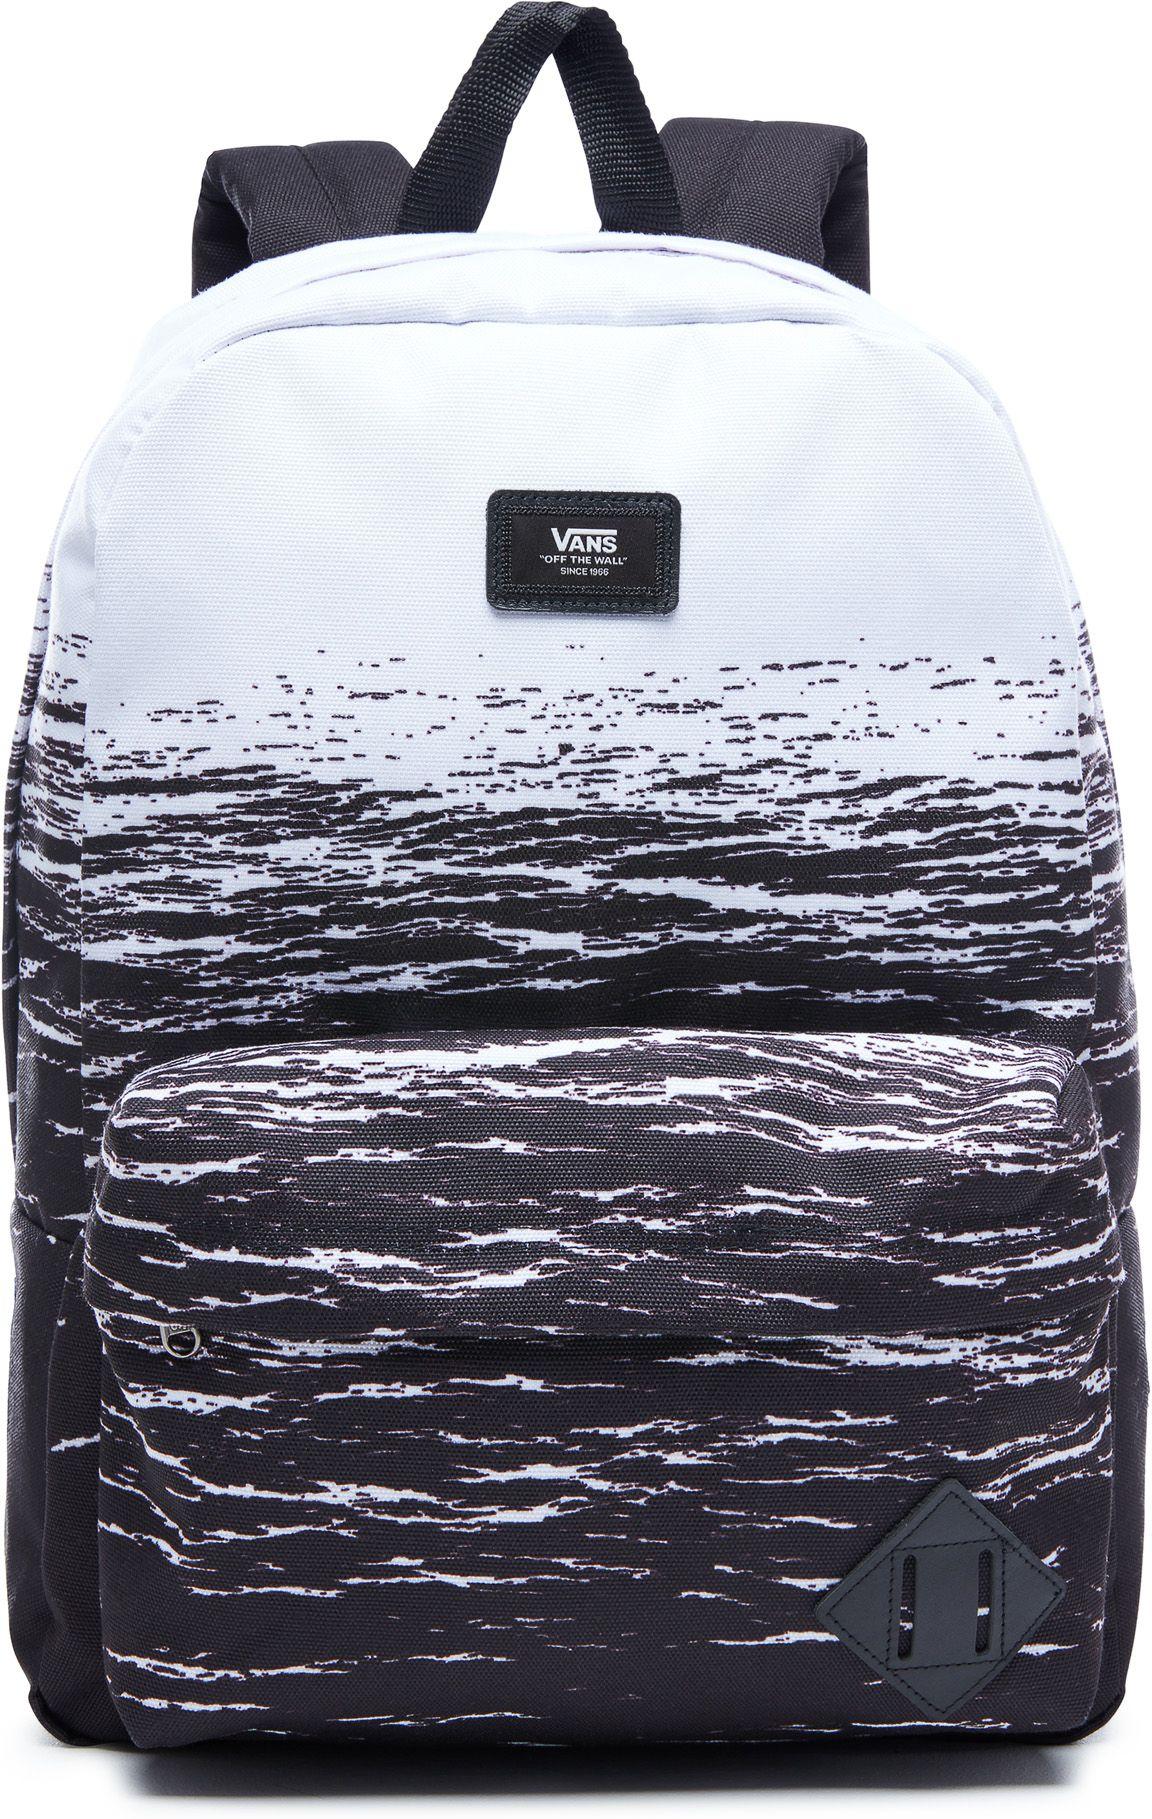 c0cfdb2a68 batoh vans OLD SKOOL II BACKPACK White Dark Water